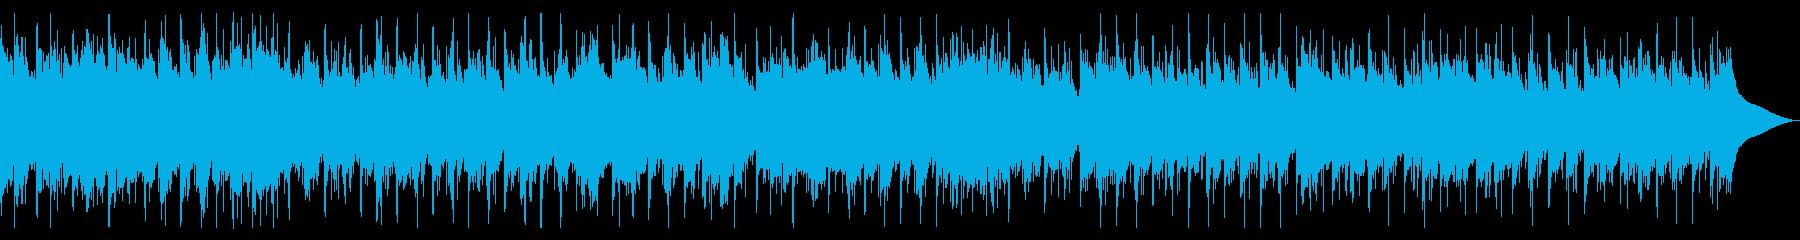 やさしく爽やかな安らぎBGMの再生済みの波形